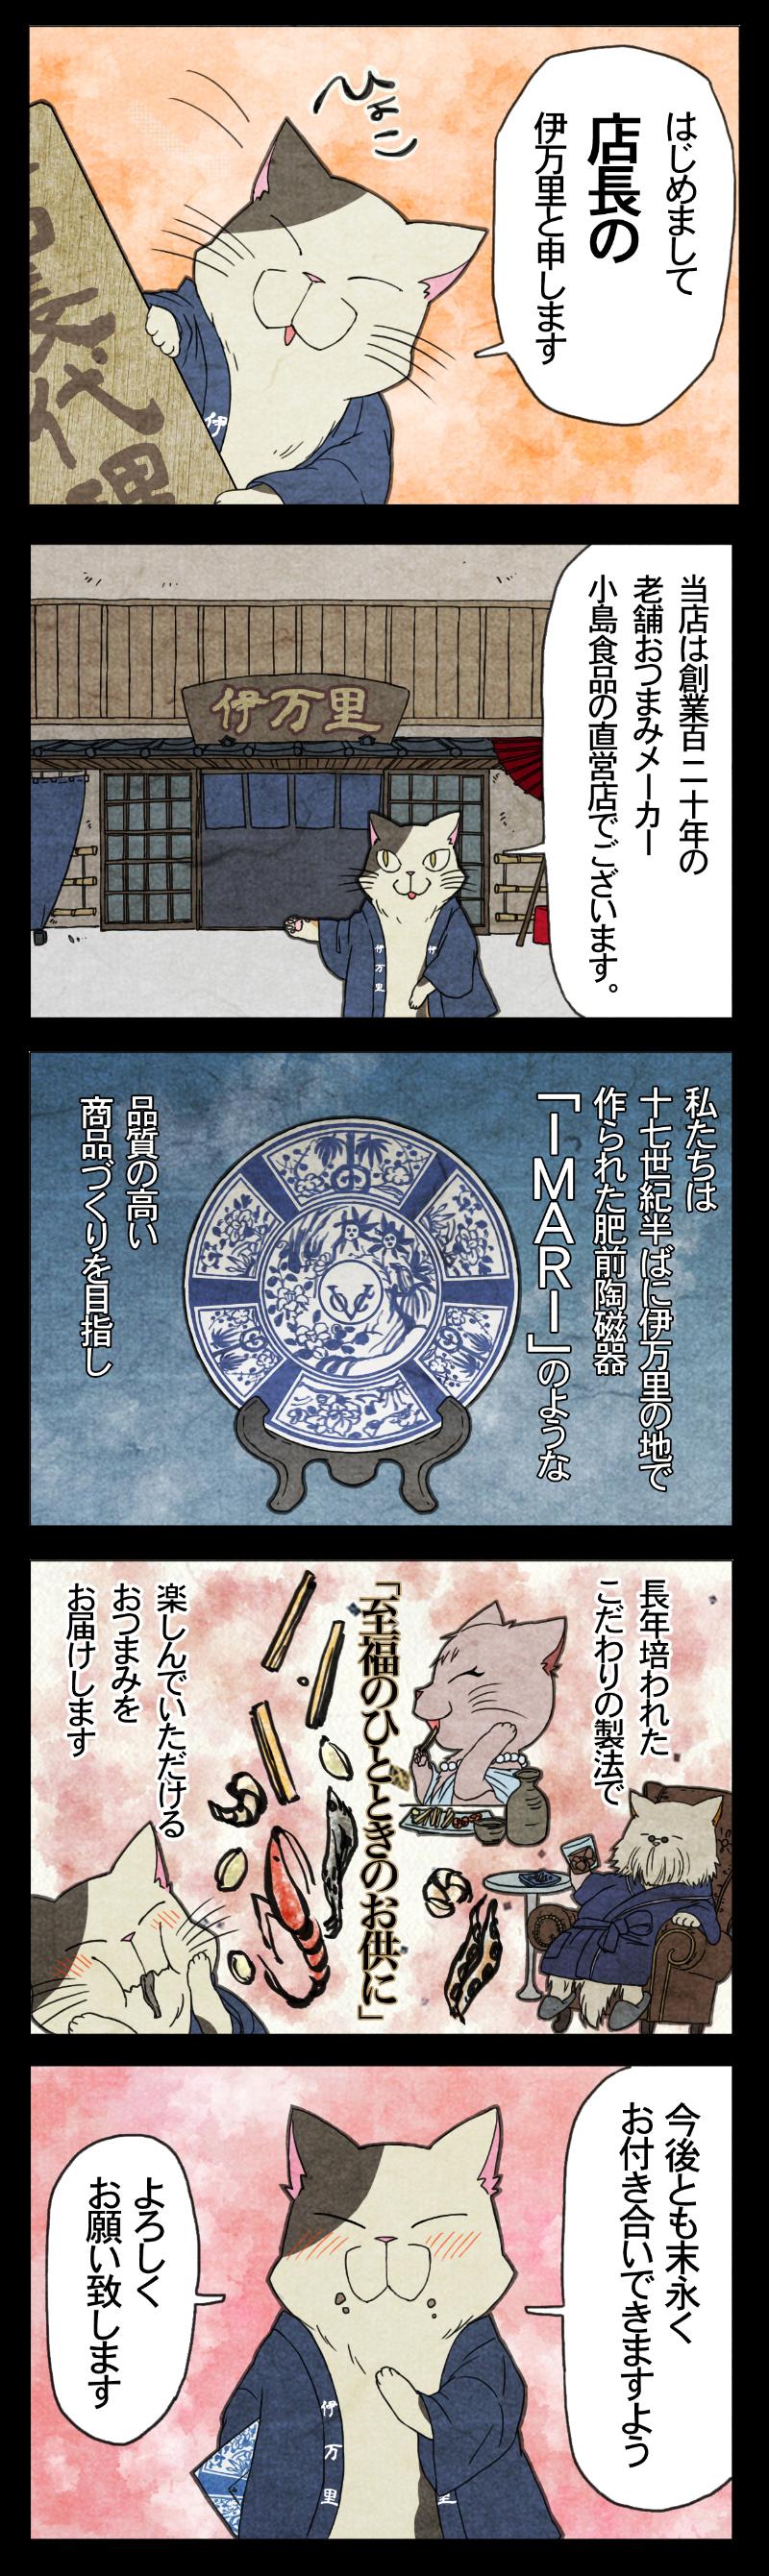 珍味 四コマ 漫画 古伊万里浪慢 店長 猫 おつまみギャラリー伊万里